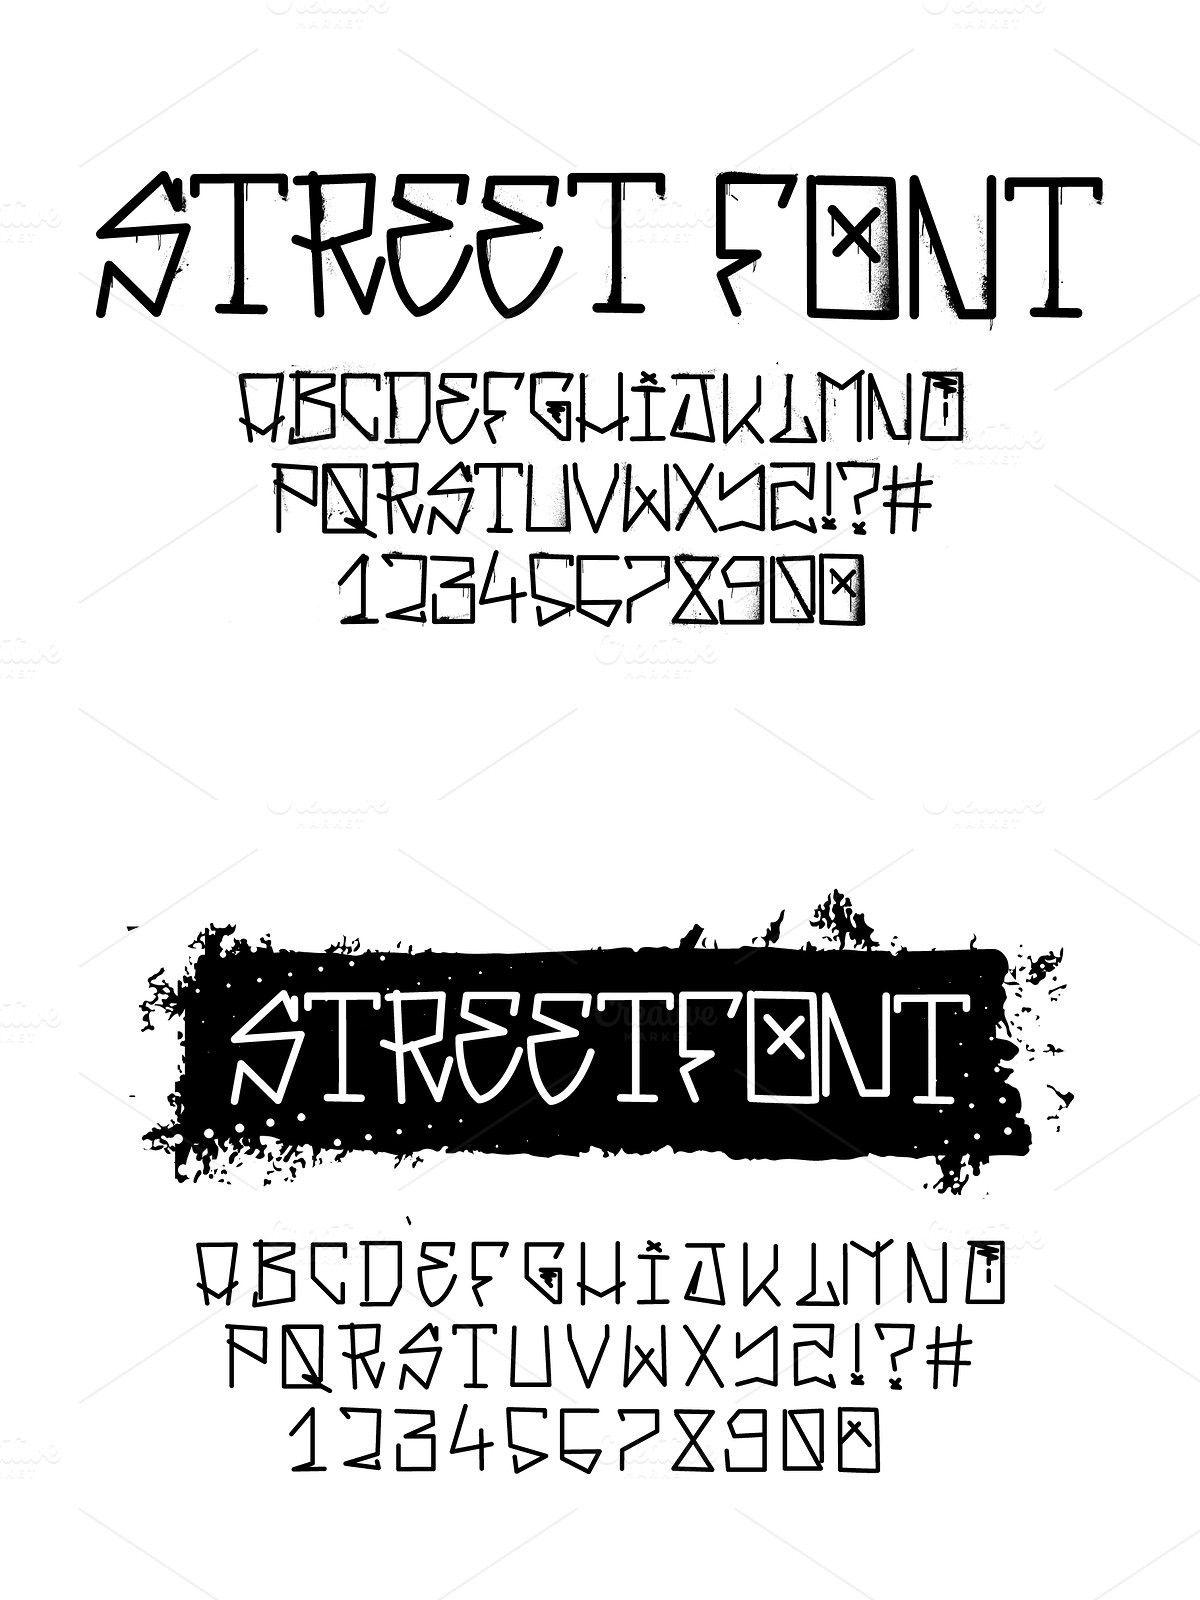 Graffiti Font Street Tag Alphabet Graffiti Font Tag Alphabet Graffiti Lettering